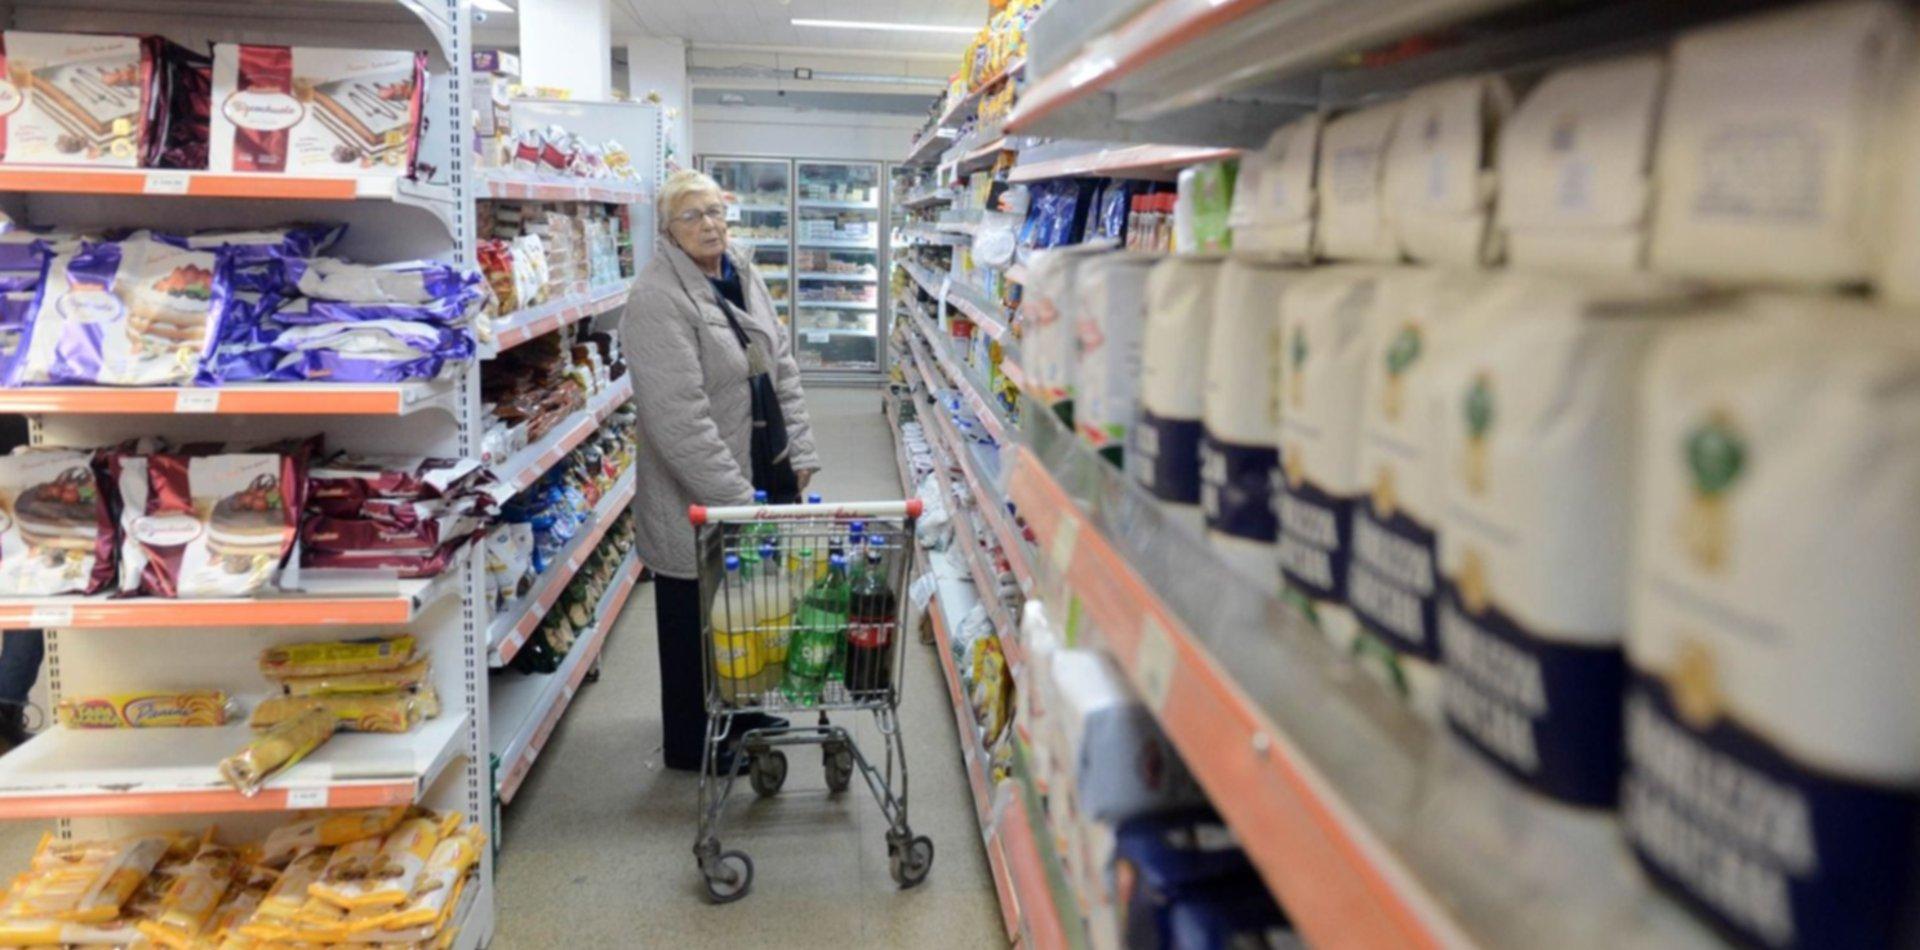 ¿Cómo saber si se está aplicando la quita del IVA en los supermercados de La Plata o no?